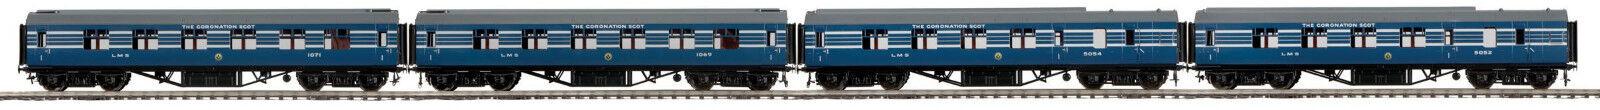 MTH Coronation Scot 4 Car Passenger Set for NEM Fine Scale 22-60055